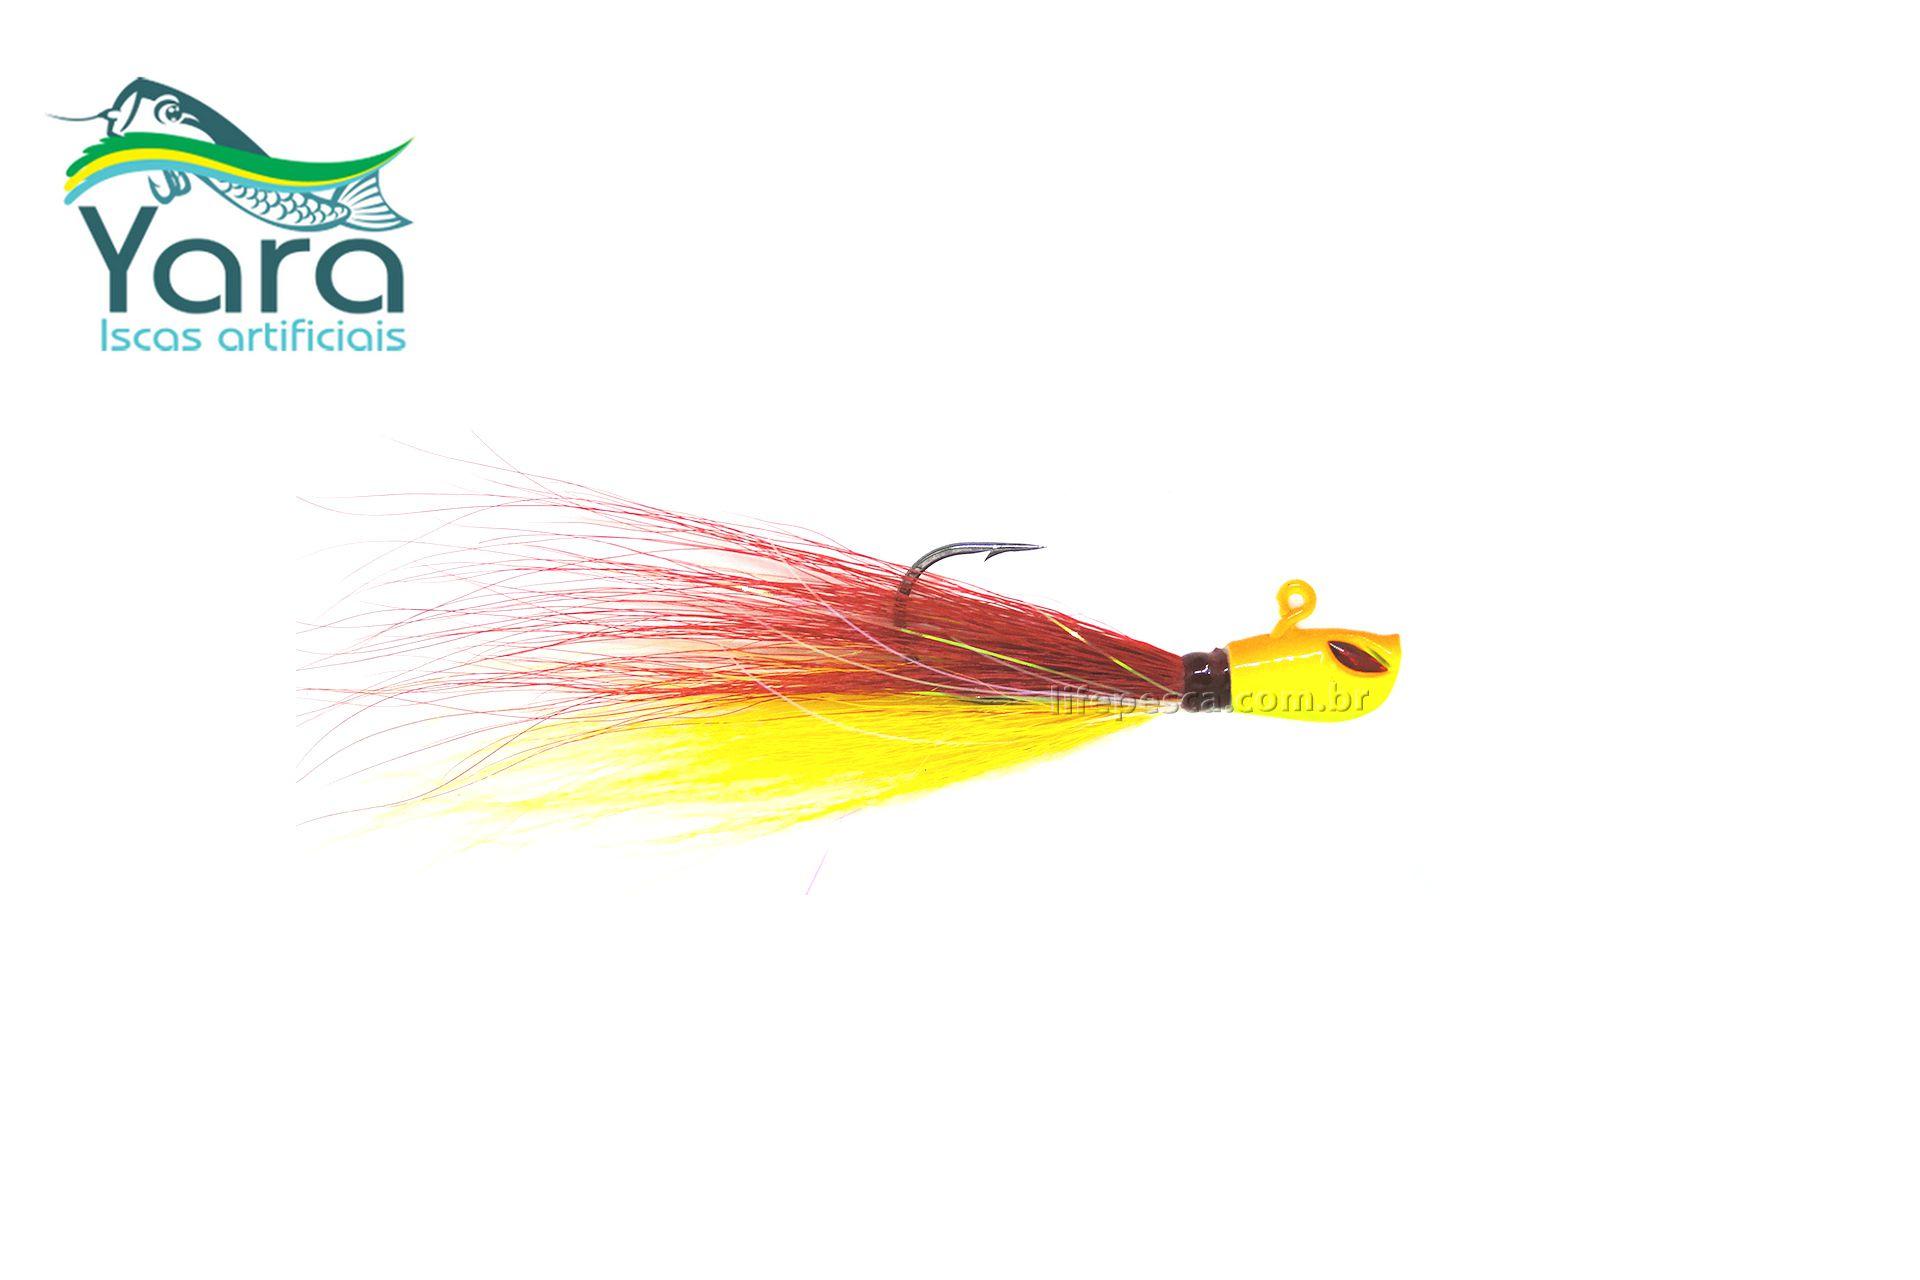 Isca Artificial Yara Killer Jig  (10g) - Várias Cores  - Life Pesca - Sua loja de Pesca, Camping e Lazer